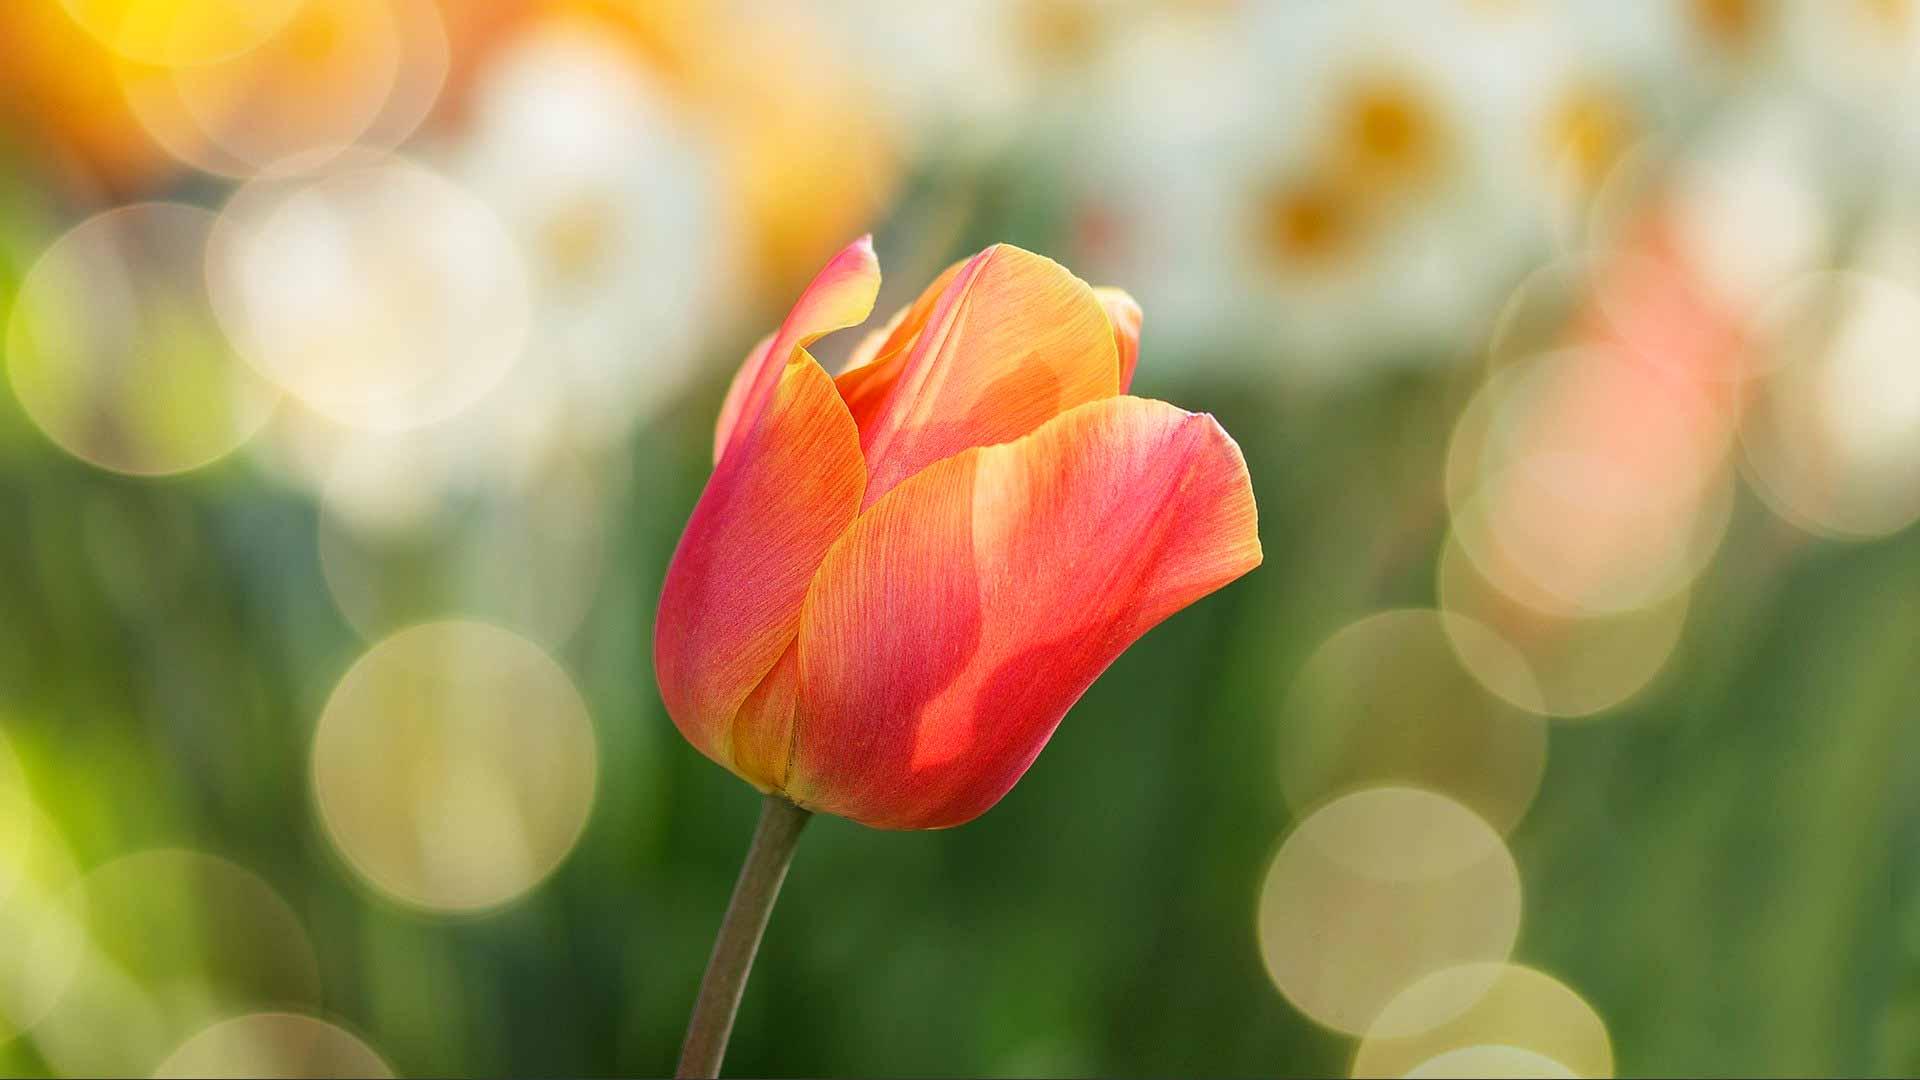 Flowers in a beautiful garden